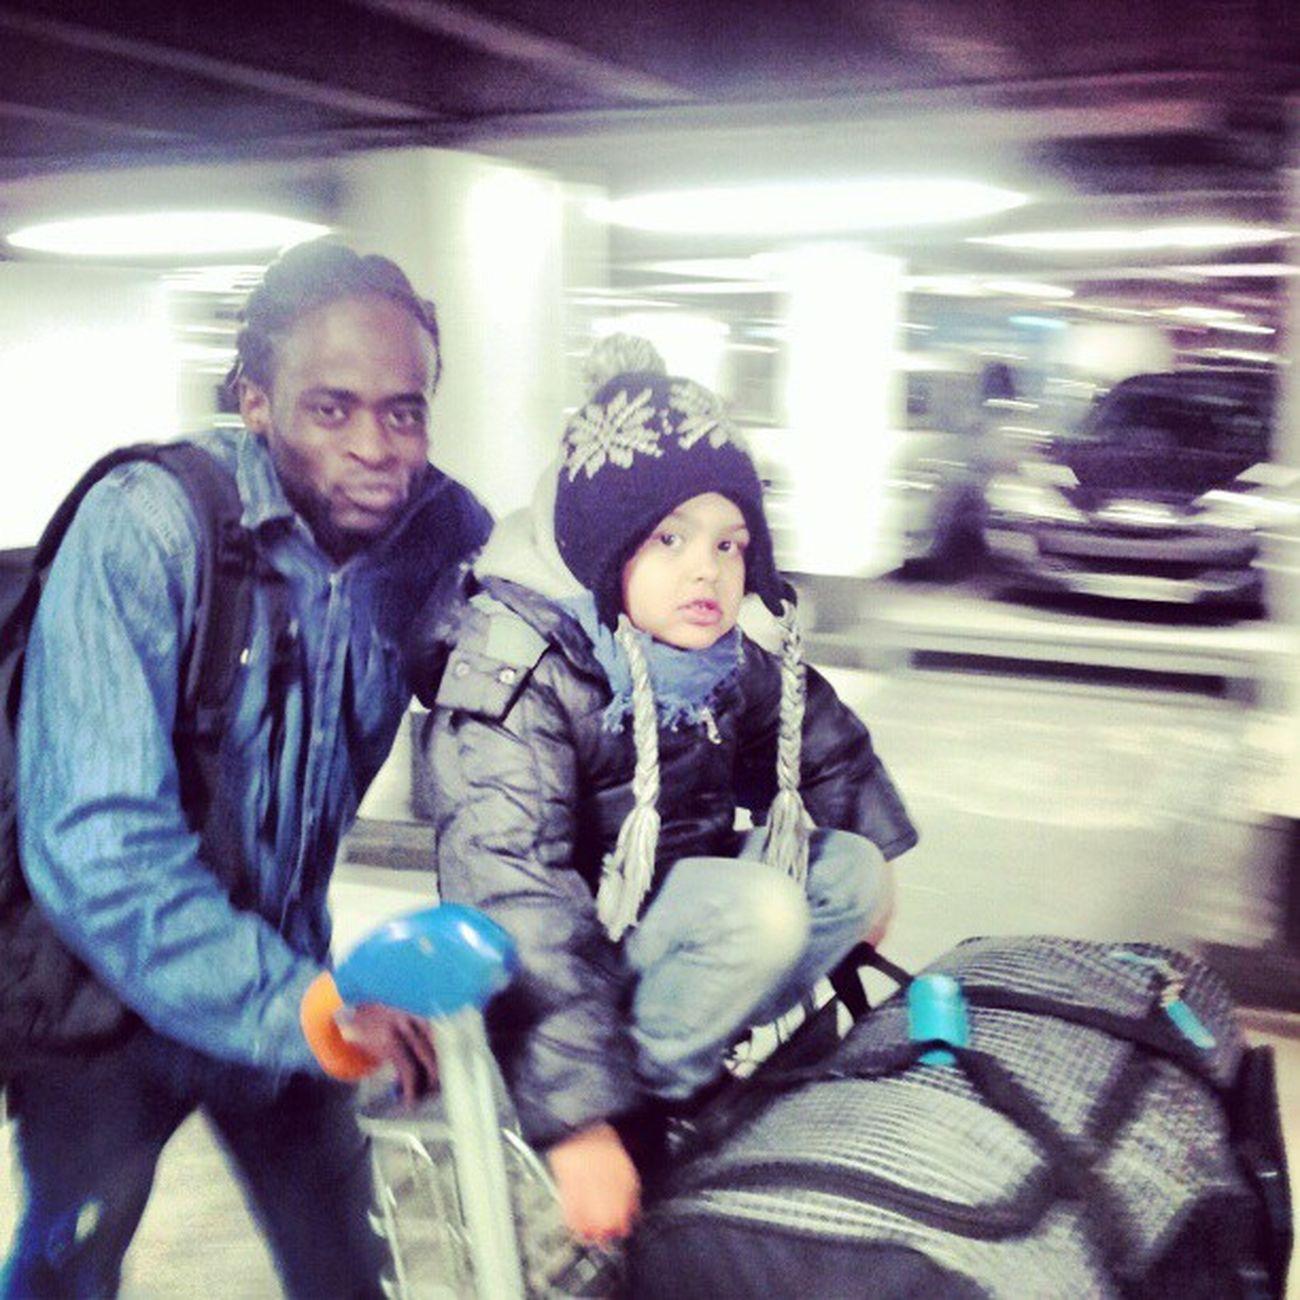 Mon negro en direction de Brazaville a Roissy Charlesdg France paris avc mon ' looou '' a l' aéroport de gaule '''